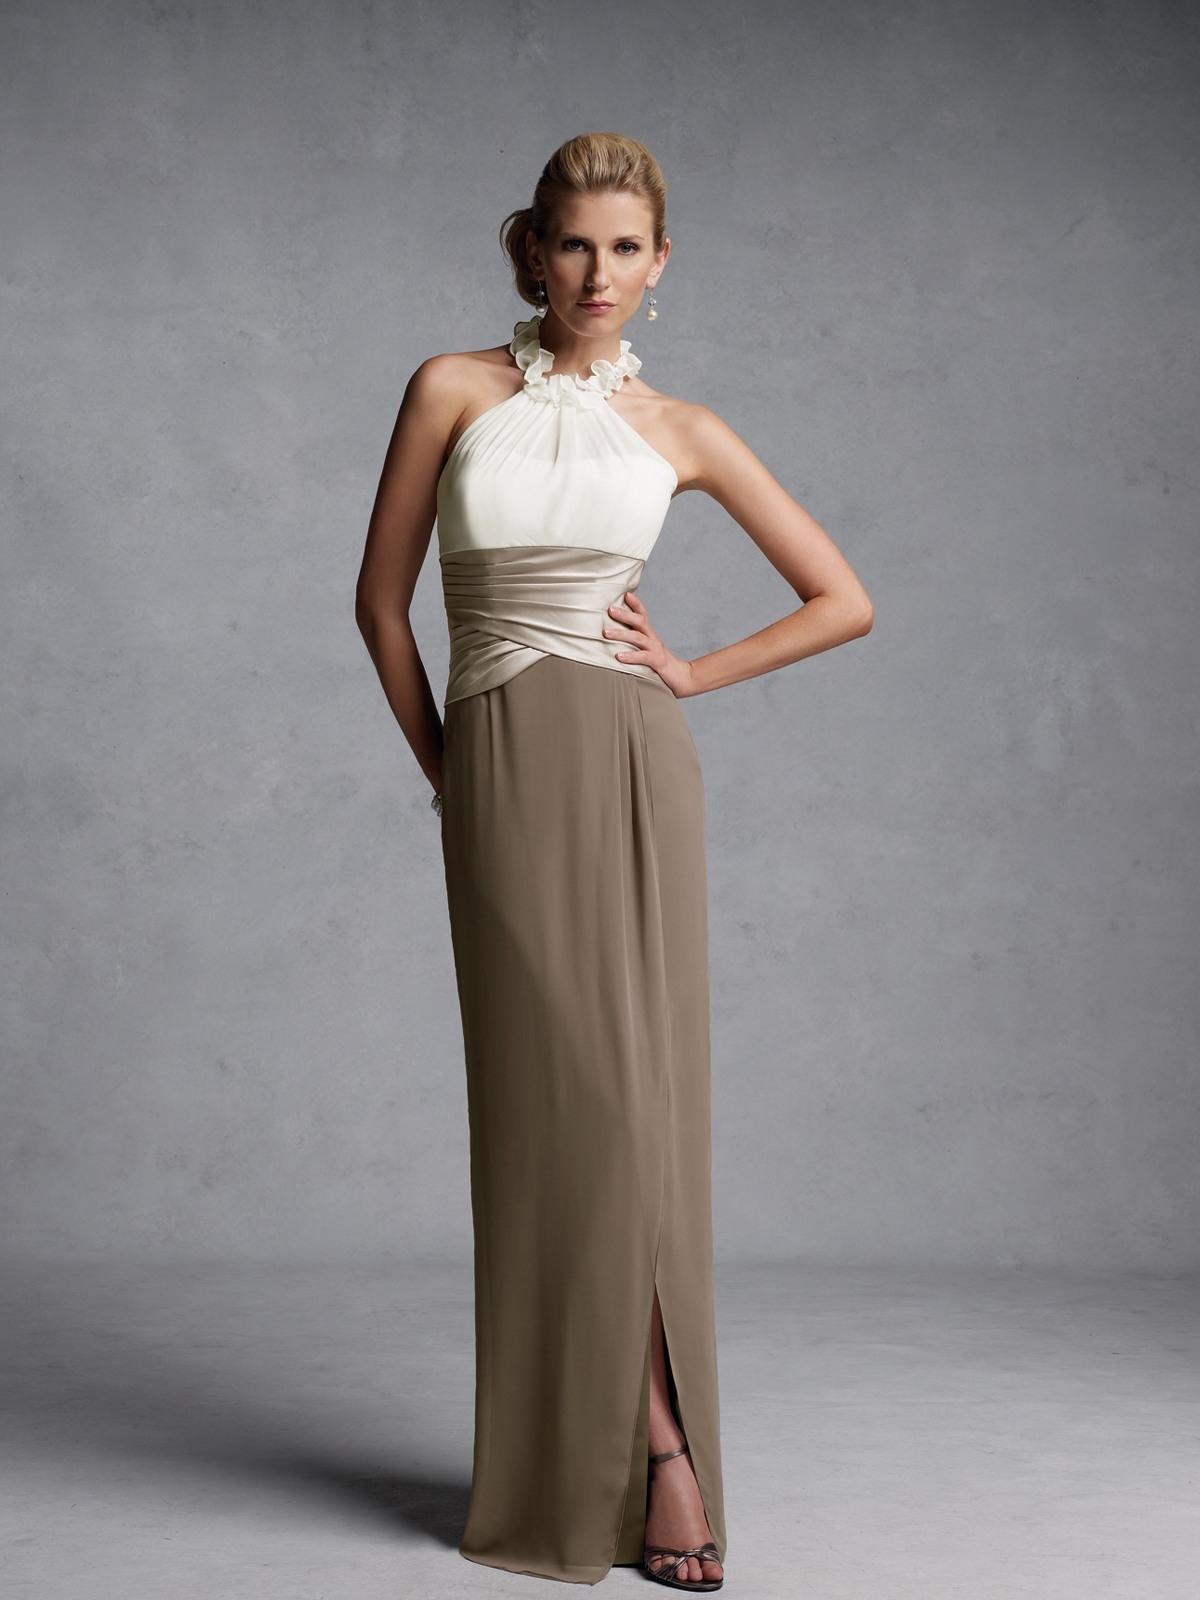 Formal Einfach Abendkleider Lang Weiß Boutique20 Schön Abendkleider Lang Weiß Bester Preis